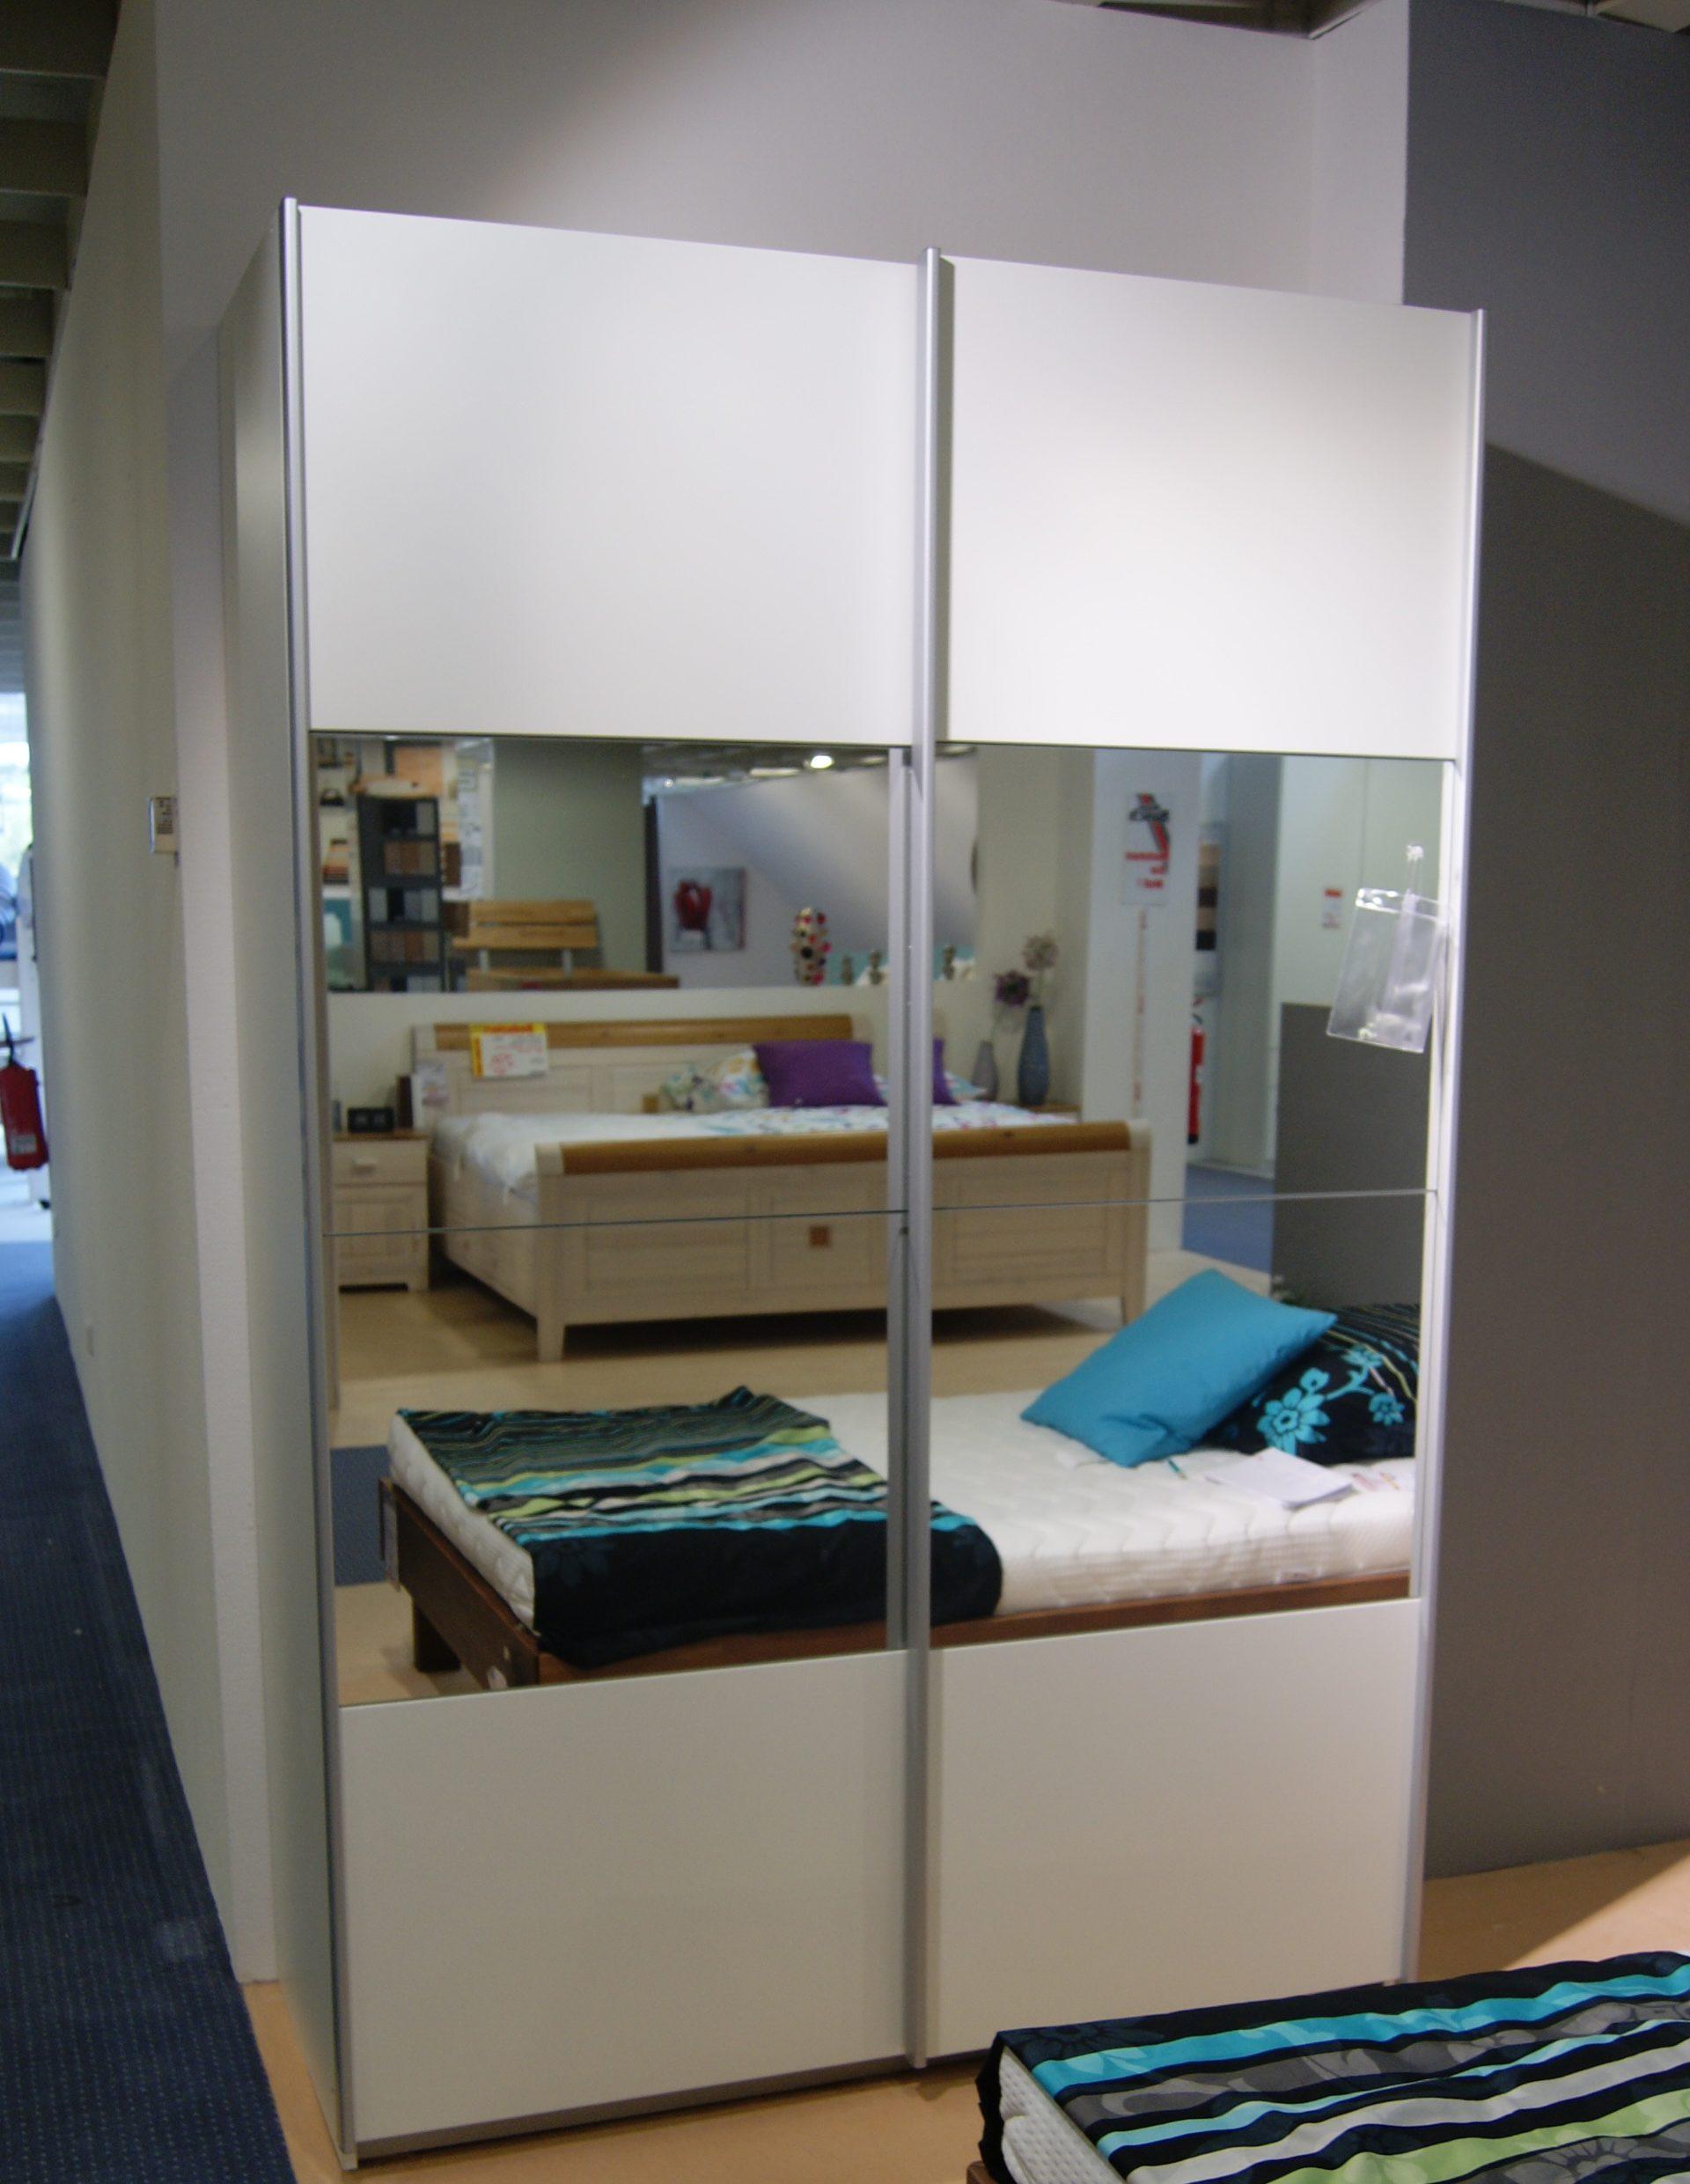 Trendwerk By Möbel Busch Räume Schlafzimmer Alles Schlafzimmer